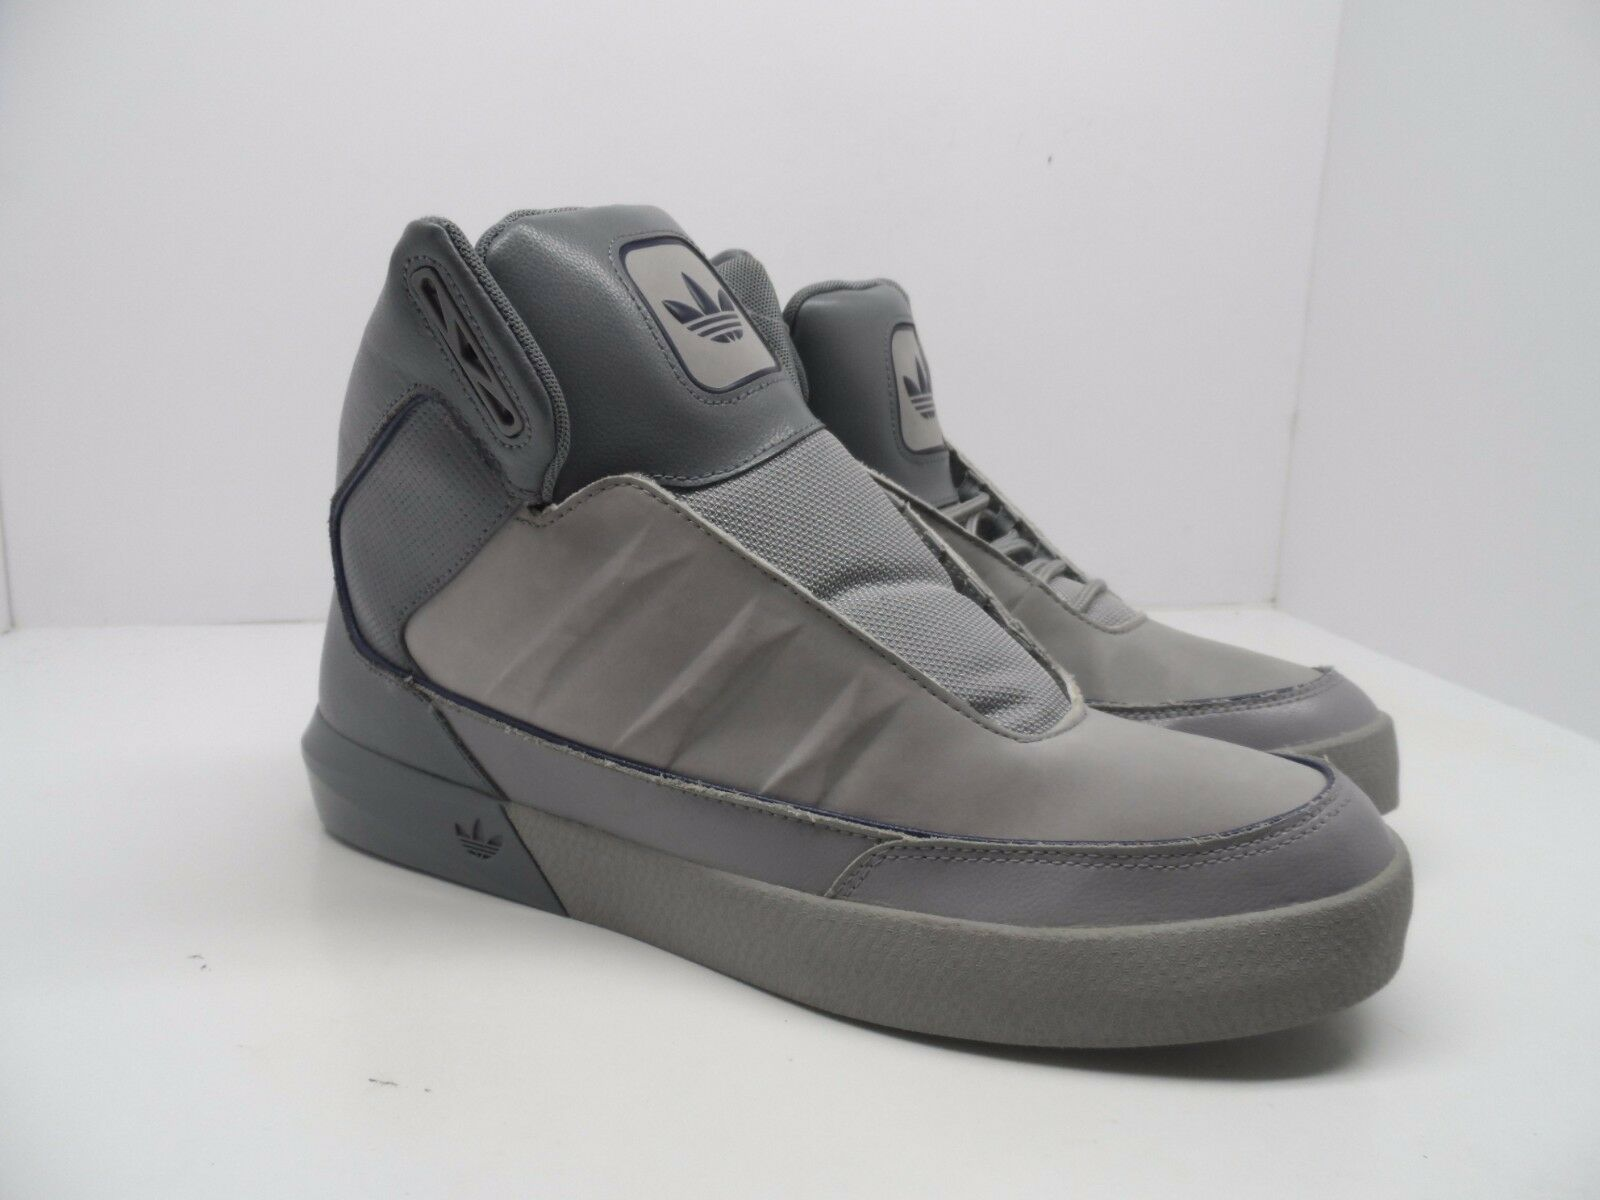 adidas Men's Uptown Select Basketball Shoe G98504 Aluminum Night/Blue Bird 11M Brand discount